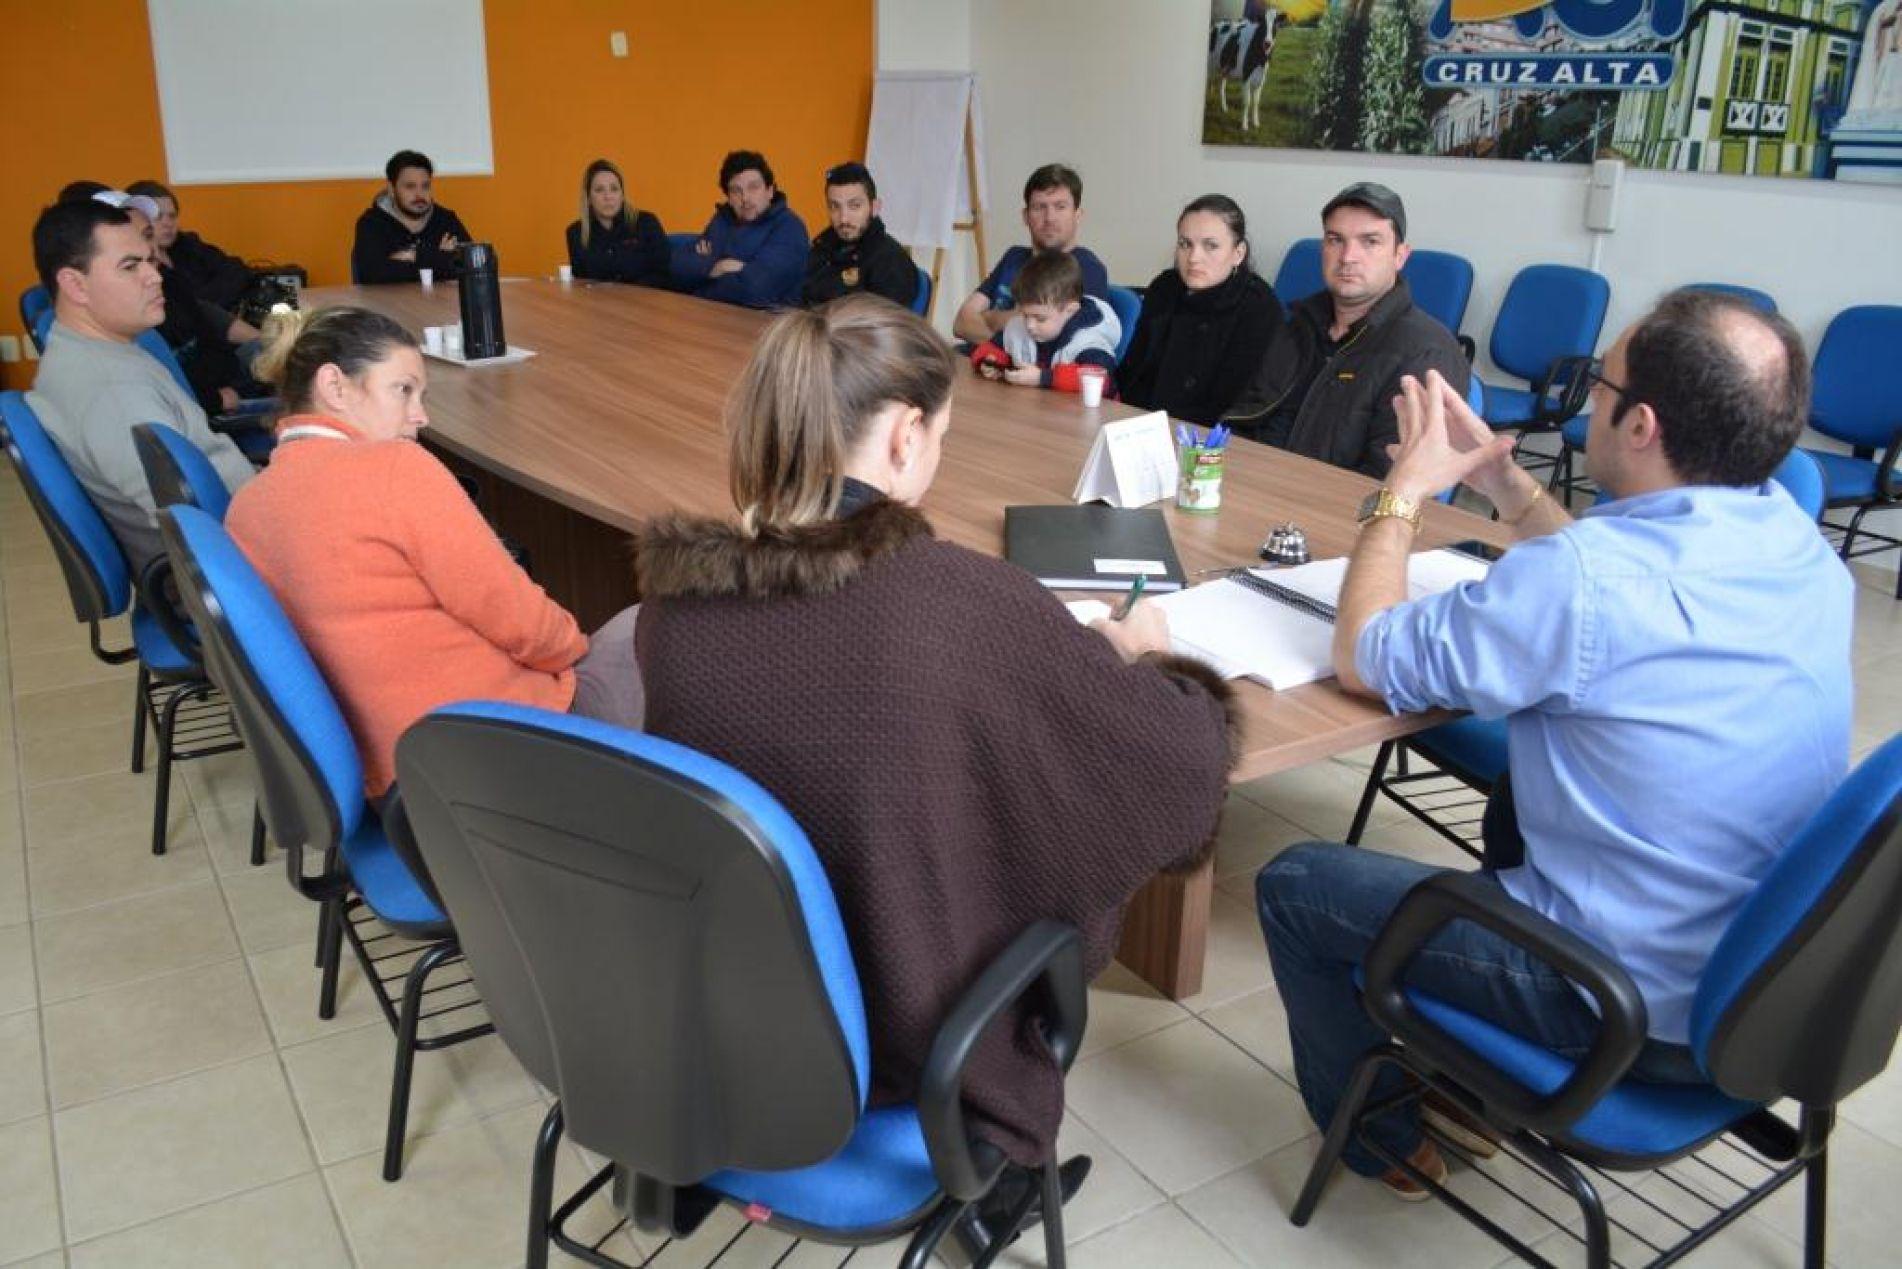 Reunião ocorreu na ACI Cruz Alta